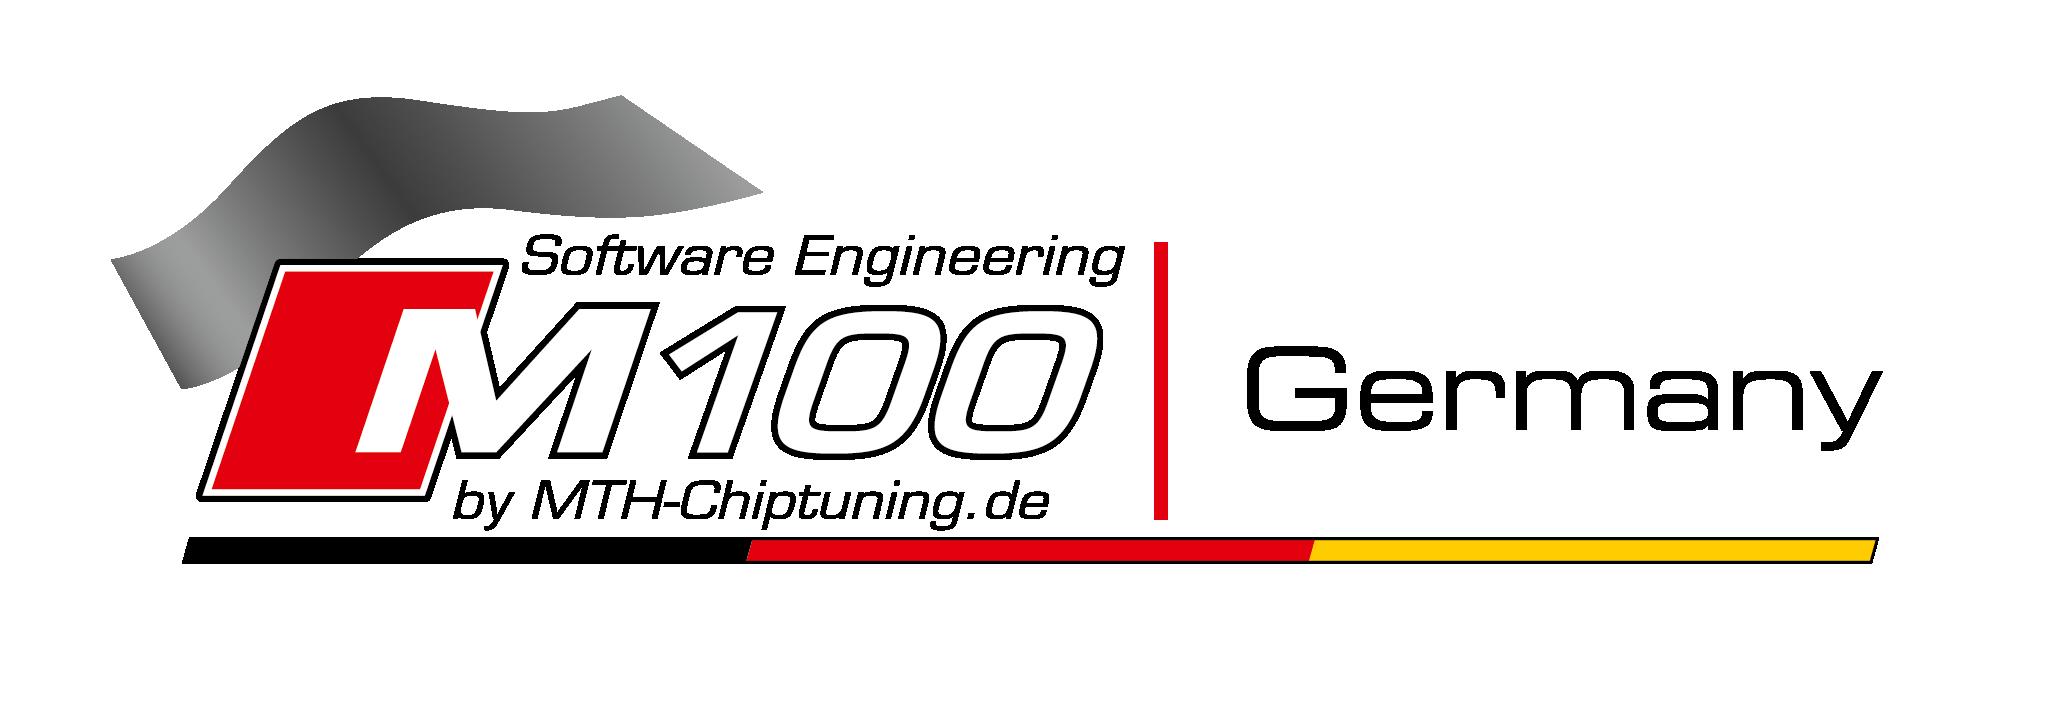 mth-16002_logo_m100_mth_de_aufweiss_v2_vecto